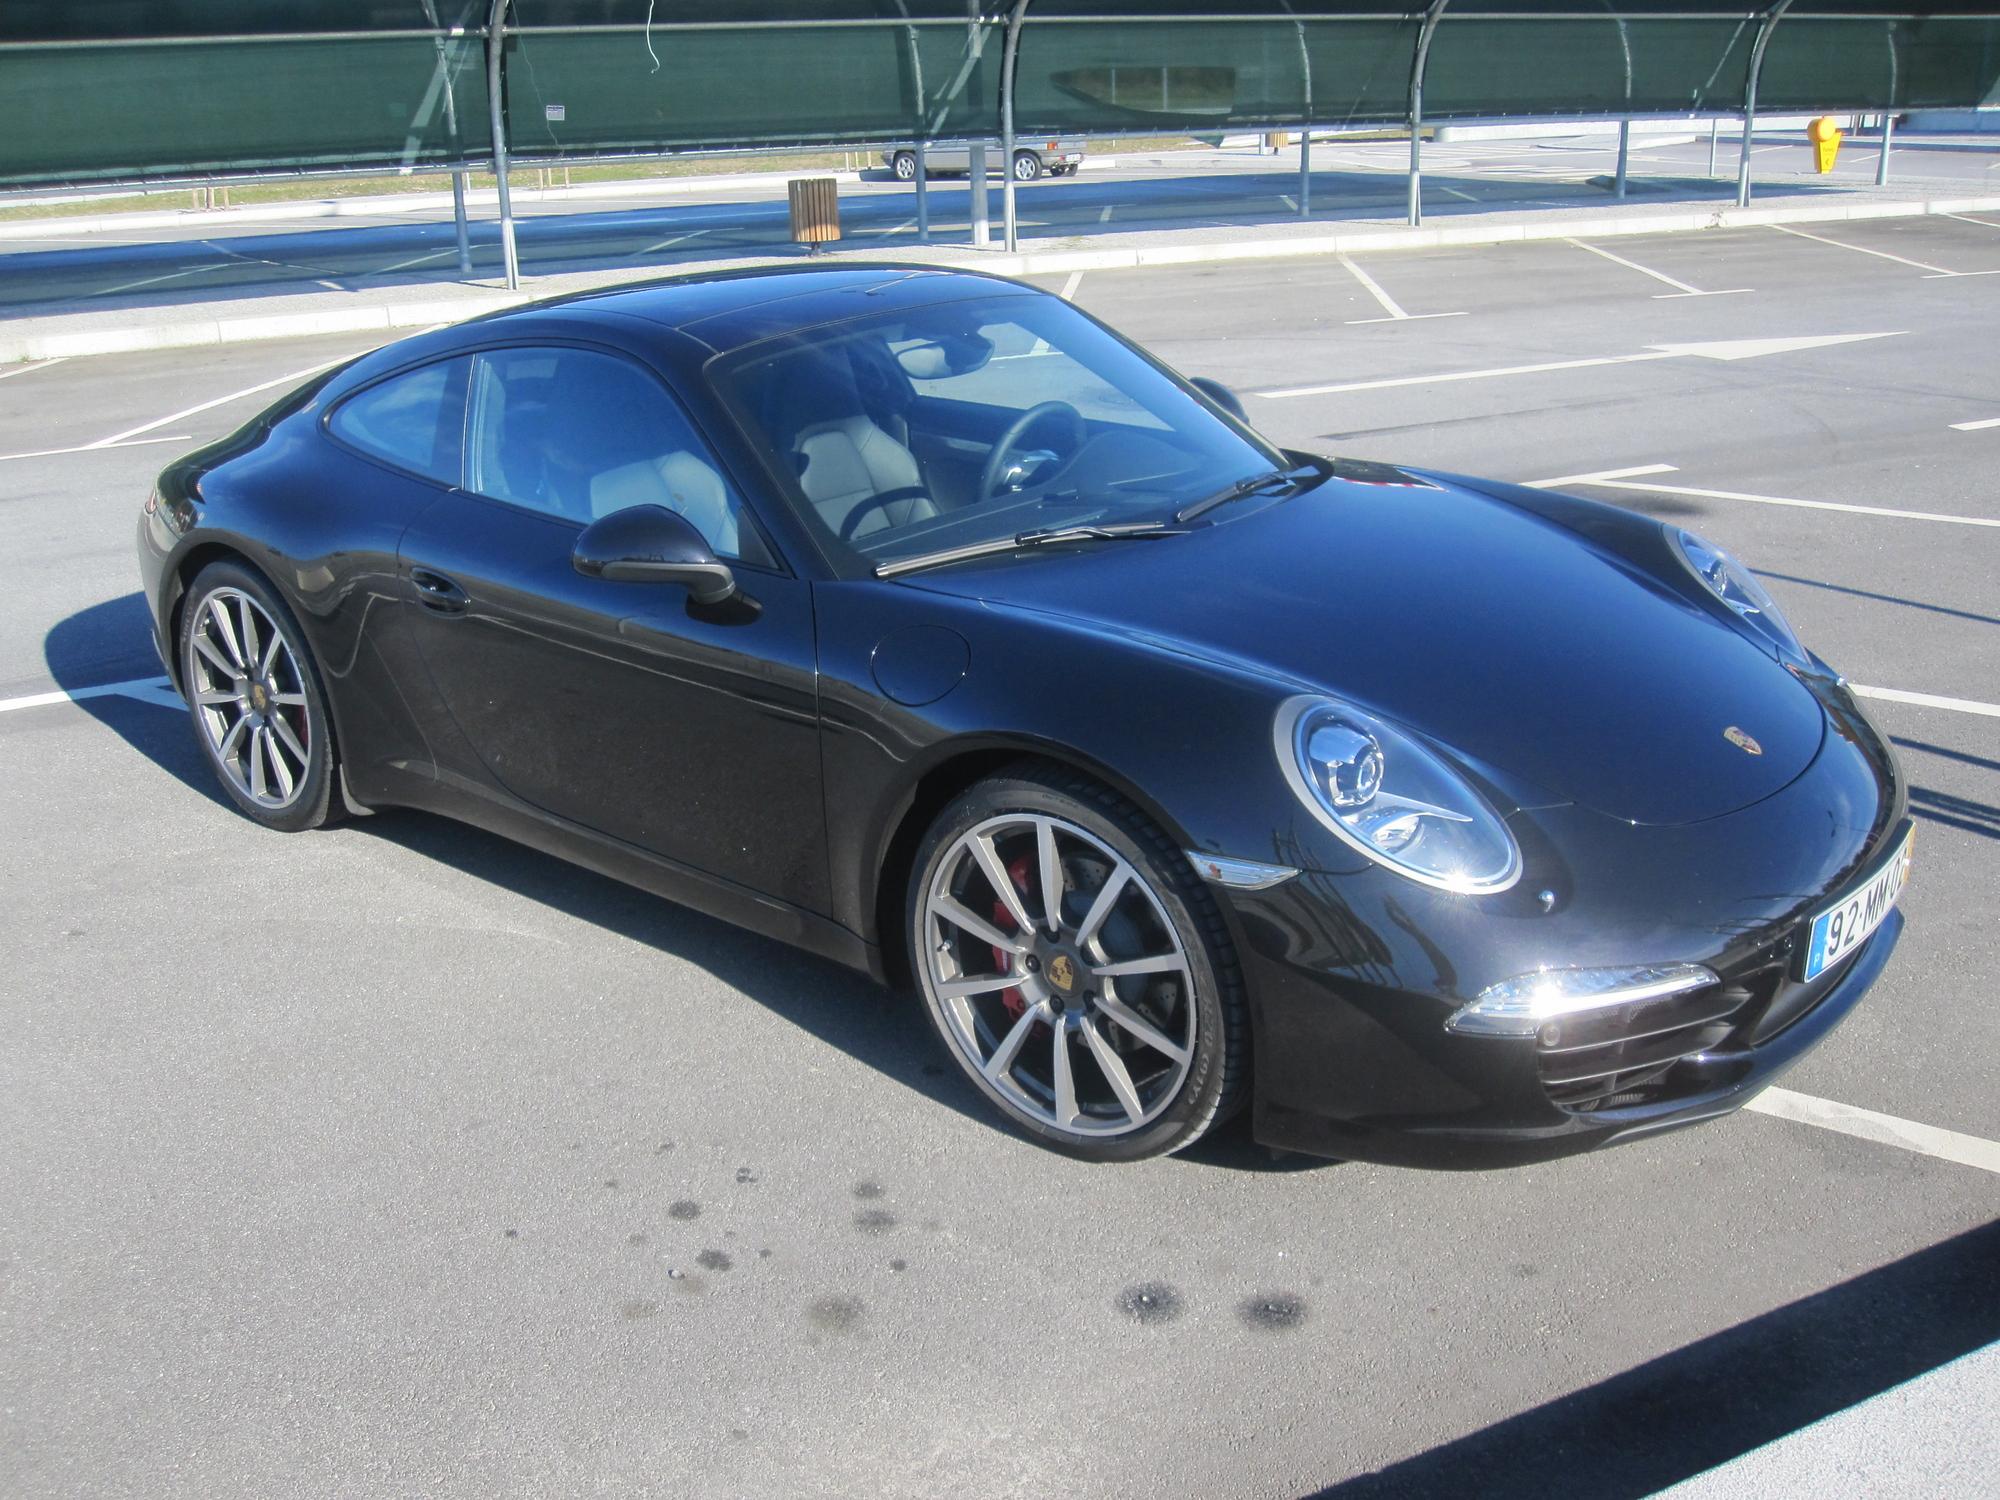 New Porsche 911 991 Carrera S Test Drive Slideshow